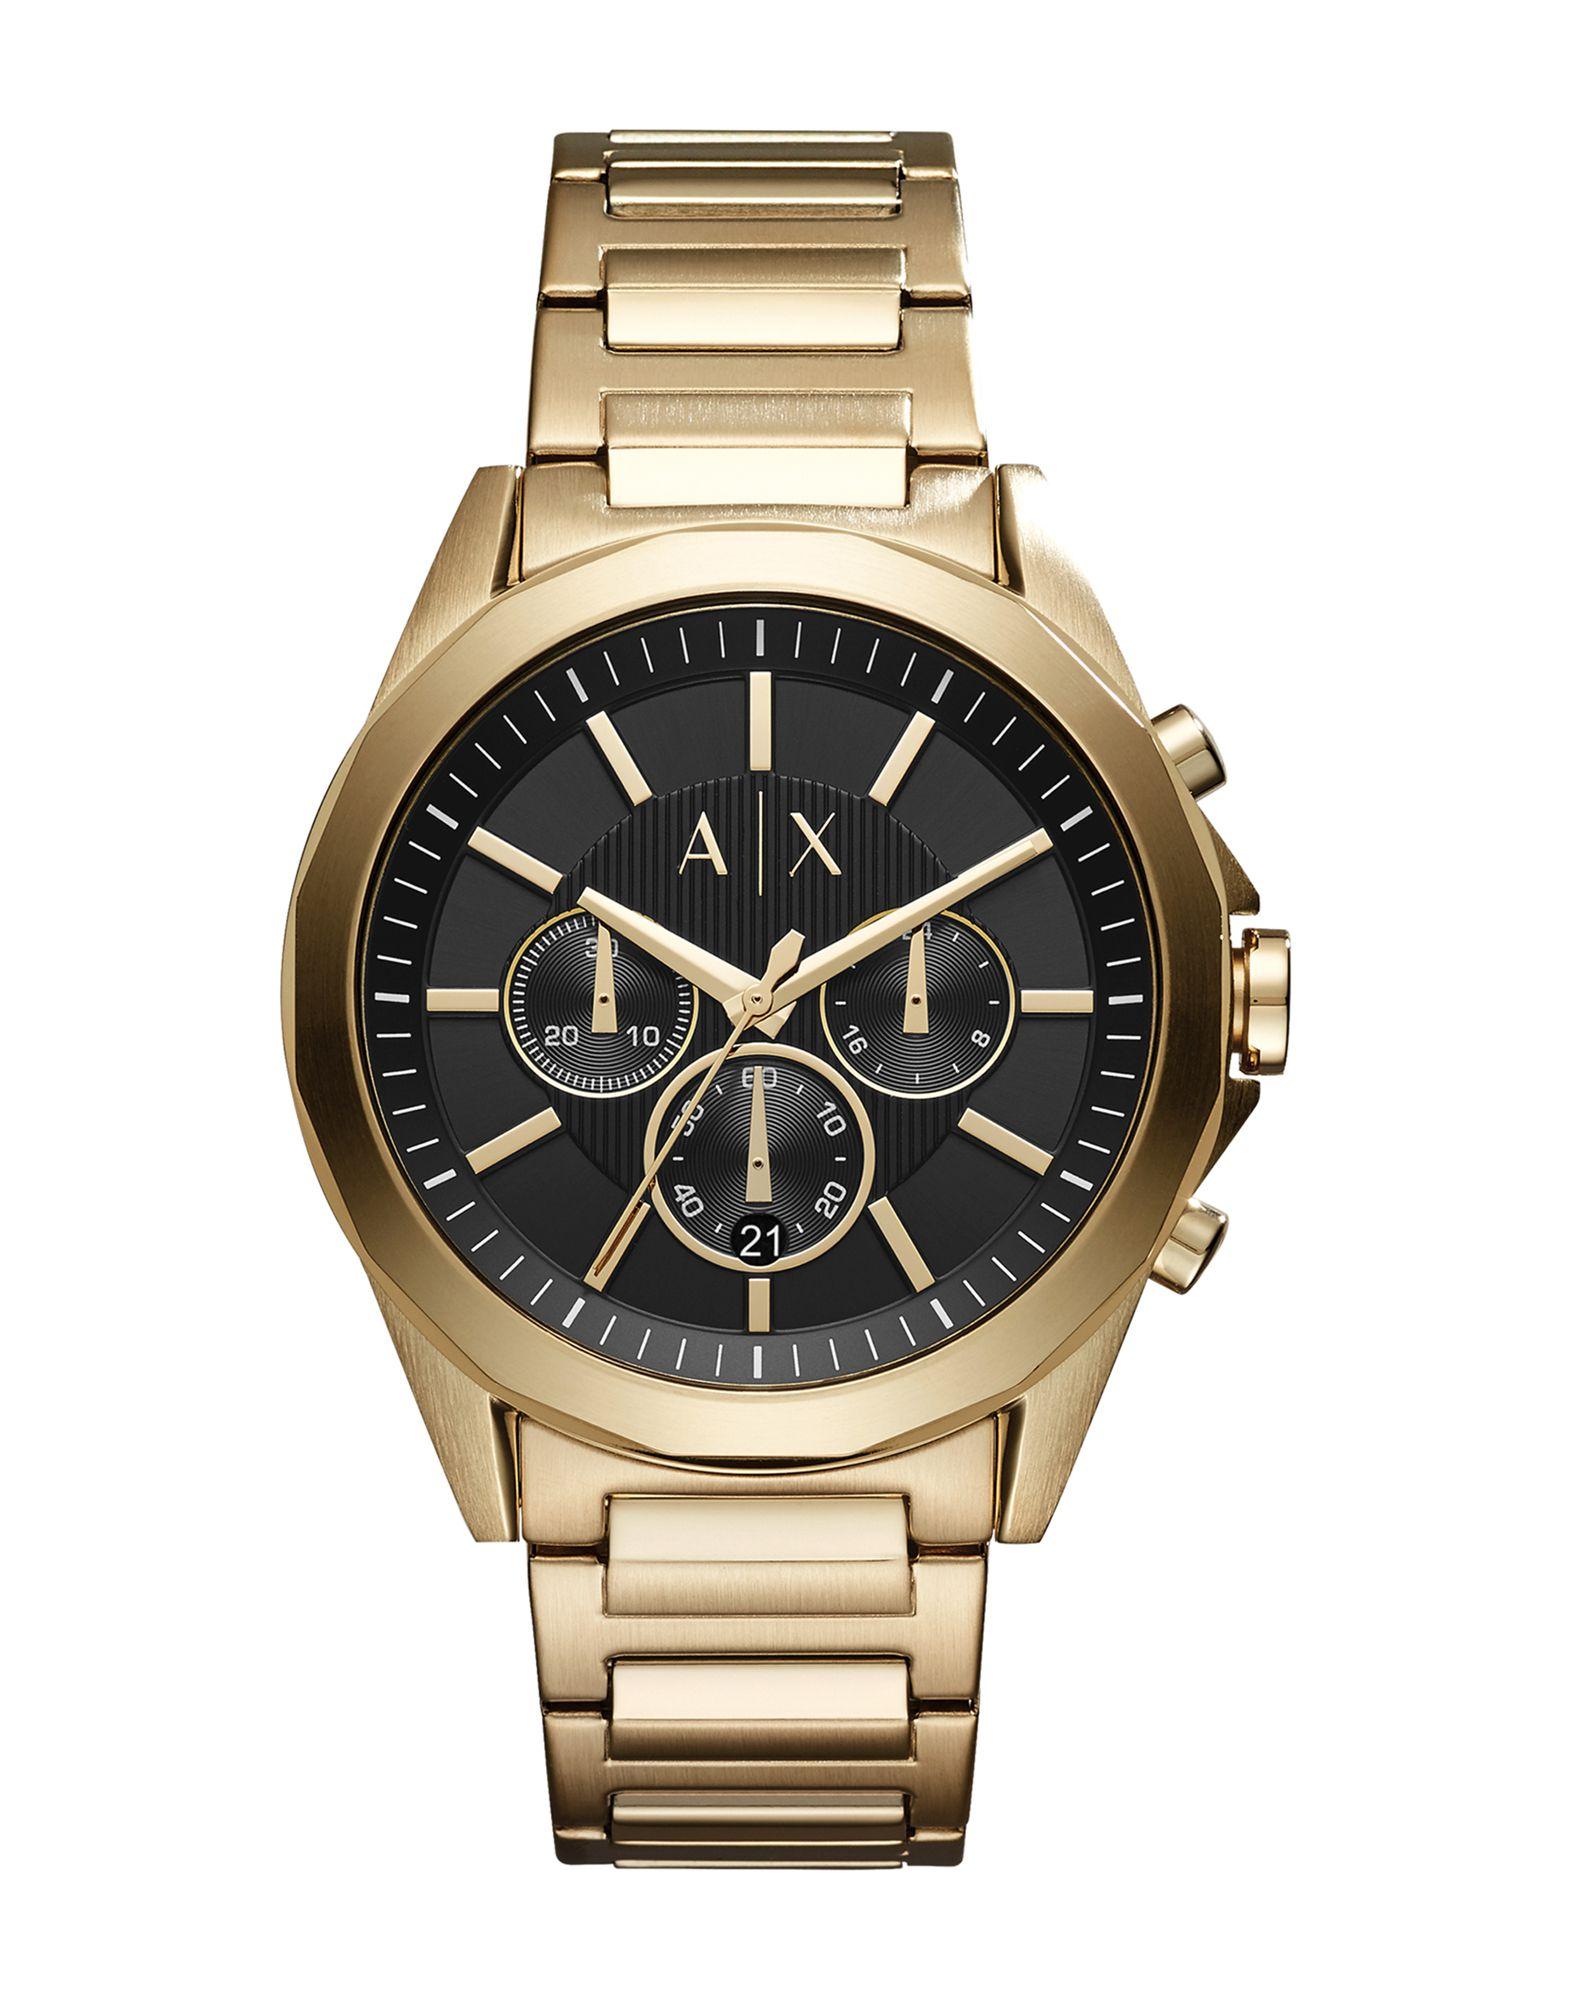 《送料無料》ARMANI EXCHANGE メンズ 腕時計 ゴールド ステンレススチール